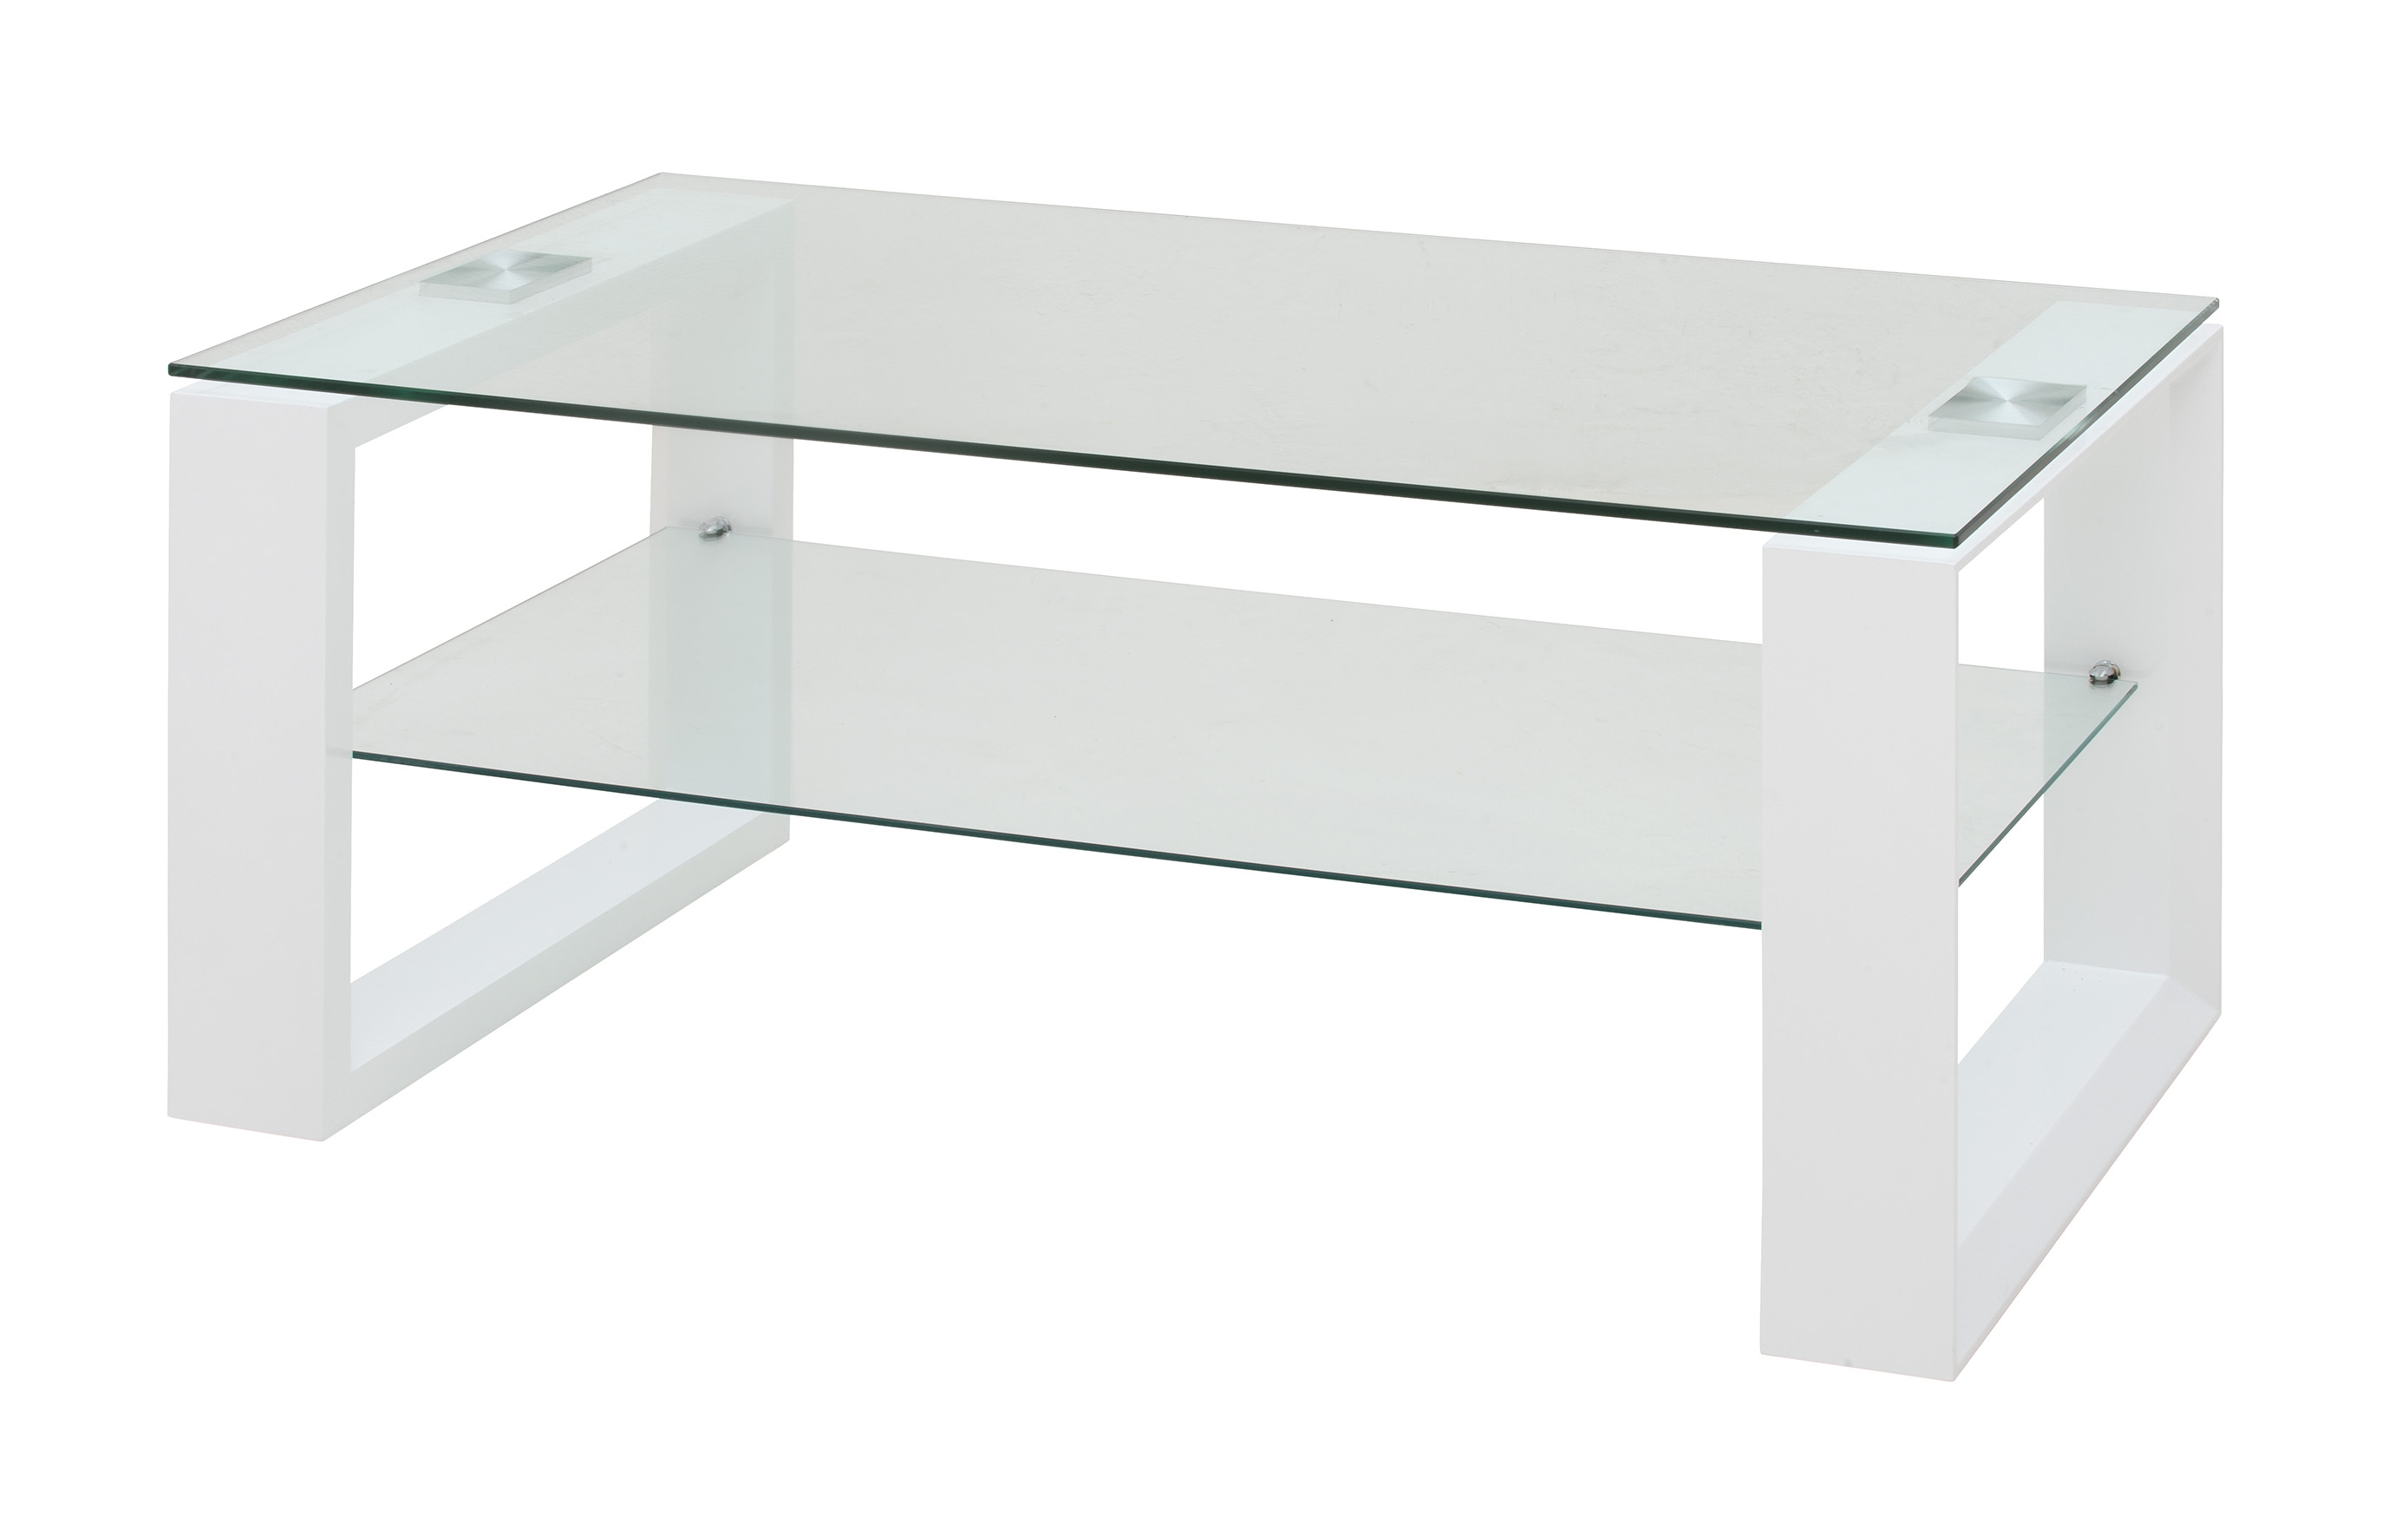 Blanc Loudvika Basse Laqué Verre Bois Et Design Table I29HEDW